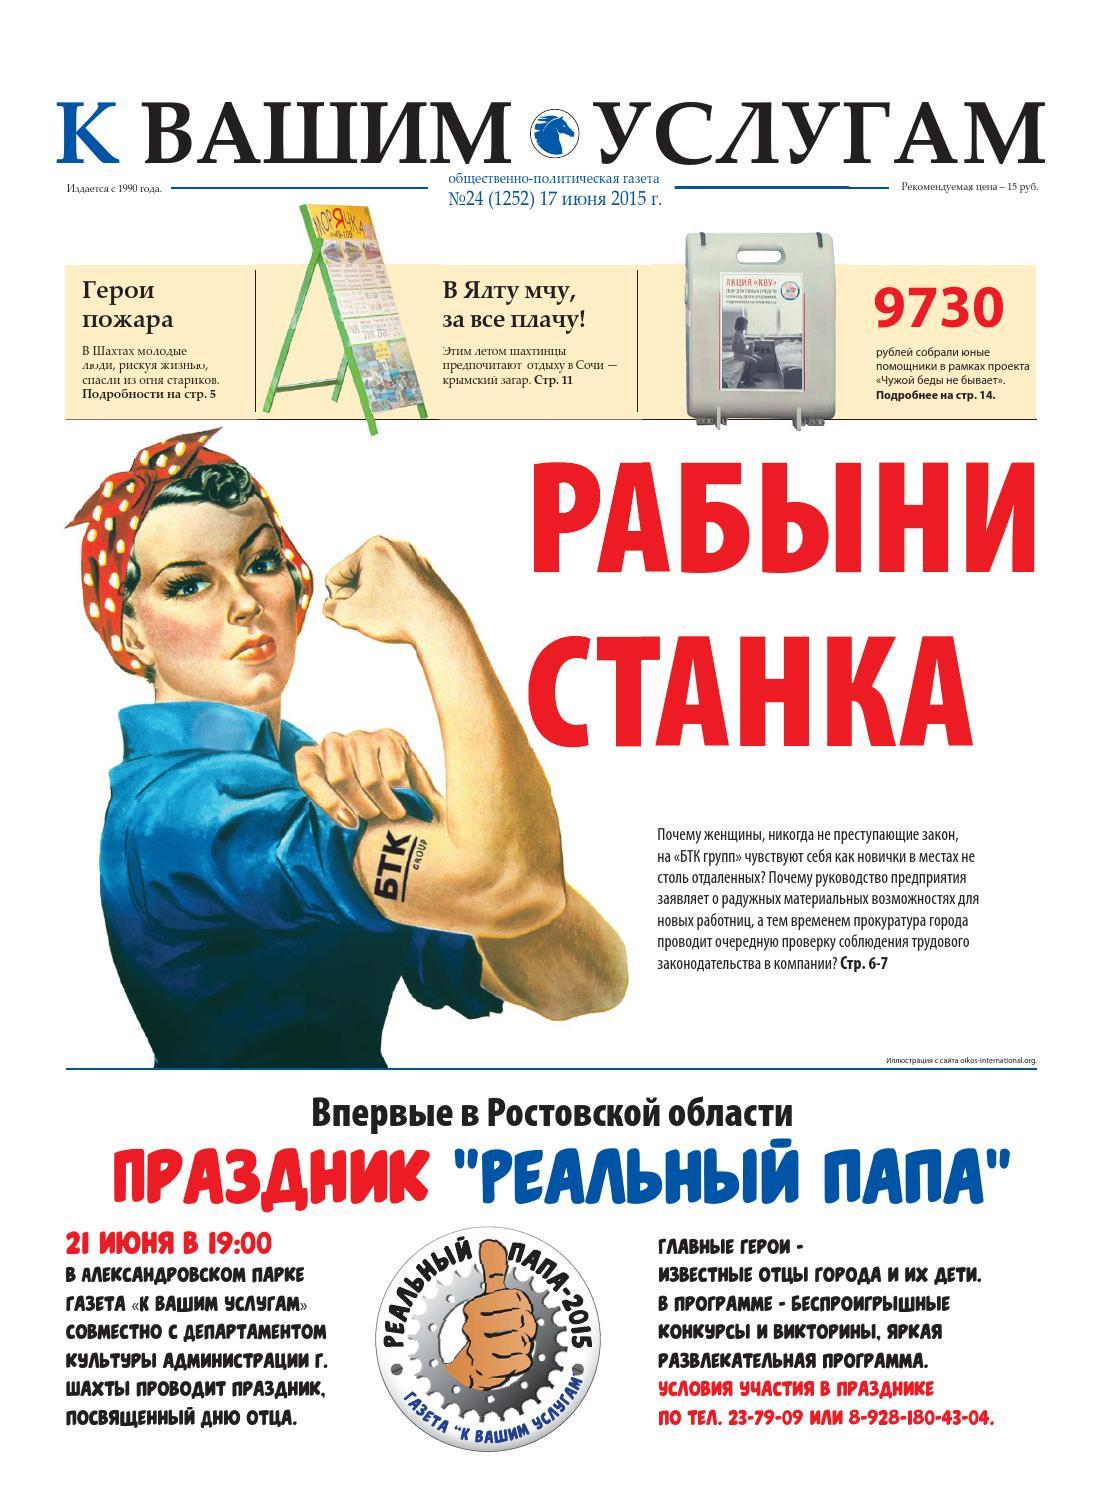 Проститутки почасовая оплата Васильковая ул. снять проститутку Новочеркасская